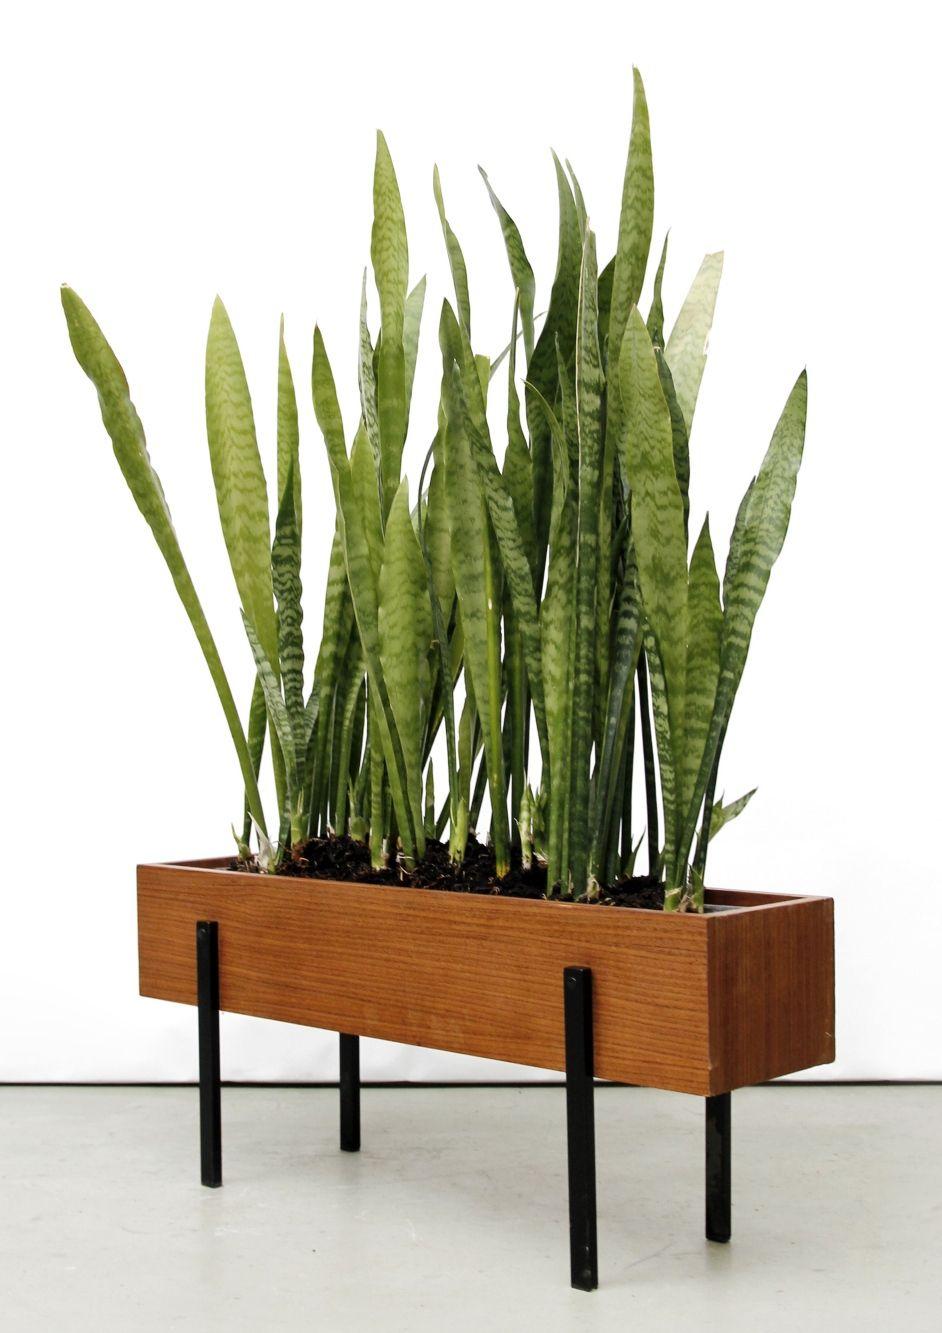 Teak And Enameled Metal Planter C1960 Plantas De Interior Decoracion Plantas Macetas Para Interiores